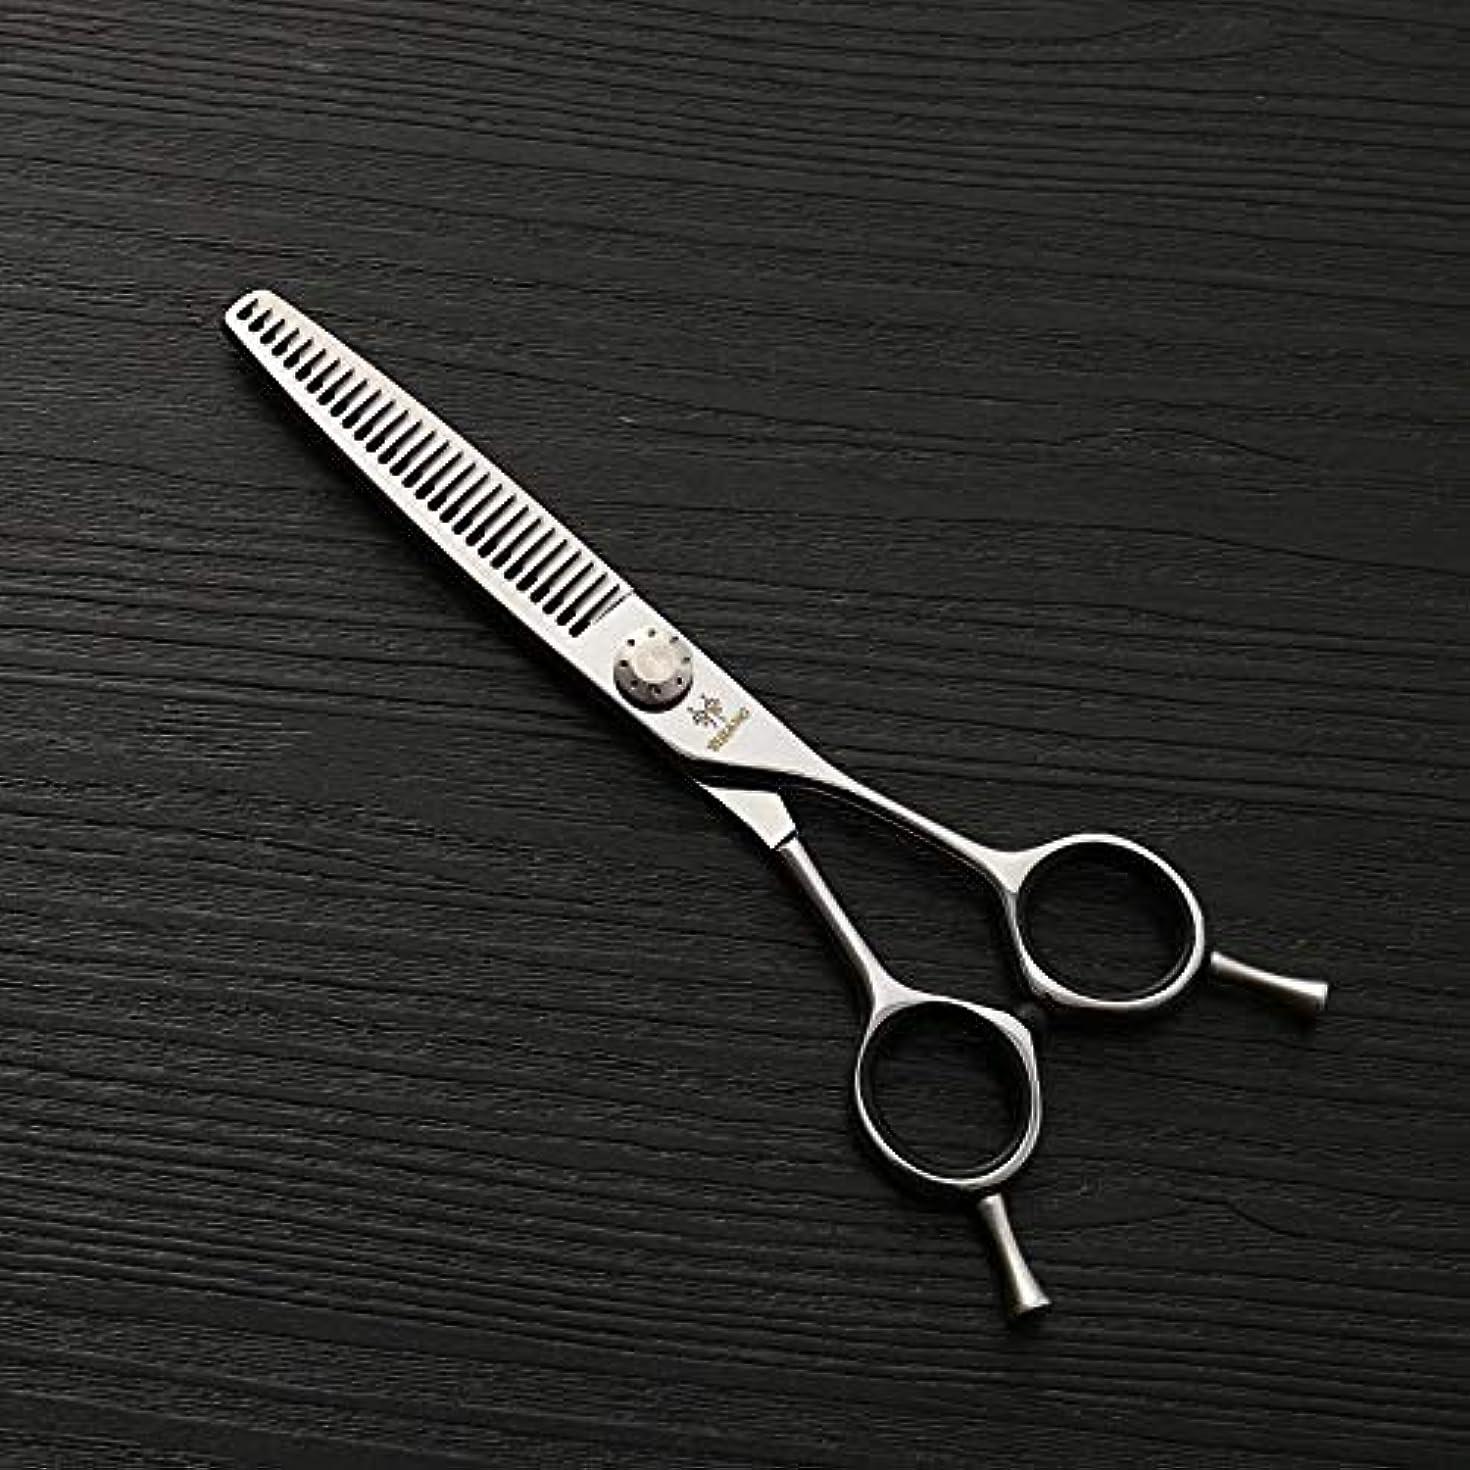 できないメリーありふれたHOTARUYiZi 散髪ハサミ カットバサミ 耐久性 プロ 散髪はさみ ヘアカット セニング すきバサミ カットシザー 品質保証 美容院 専門カット 二重尾釘 6インチ 髪カット (色 : Silver)